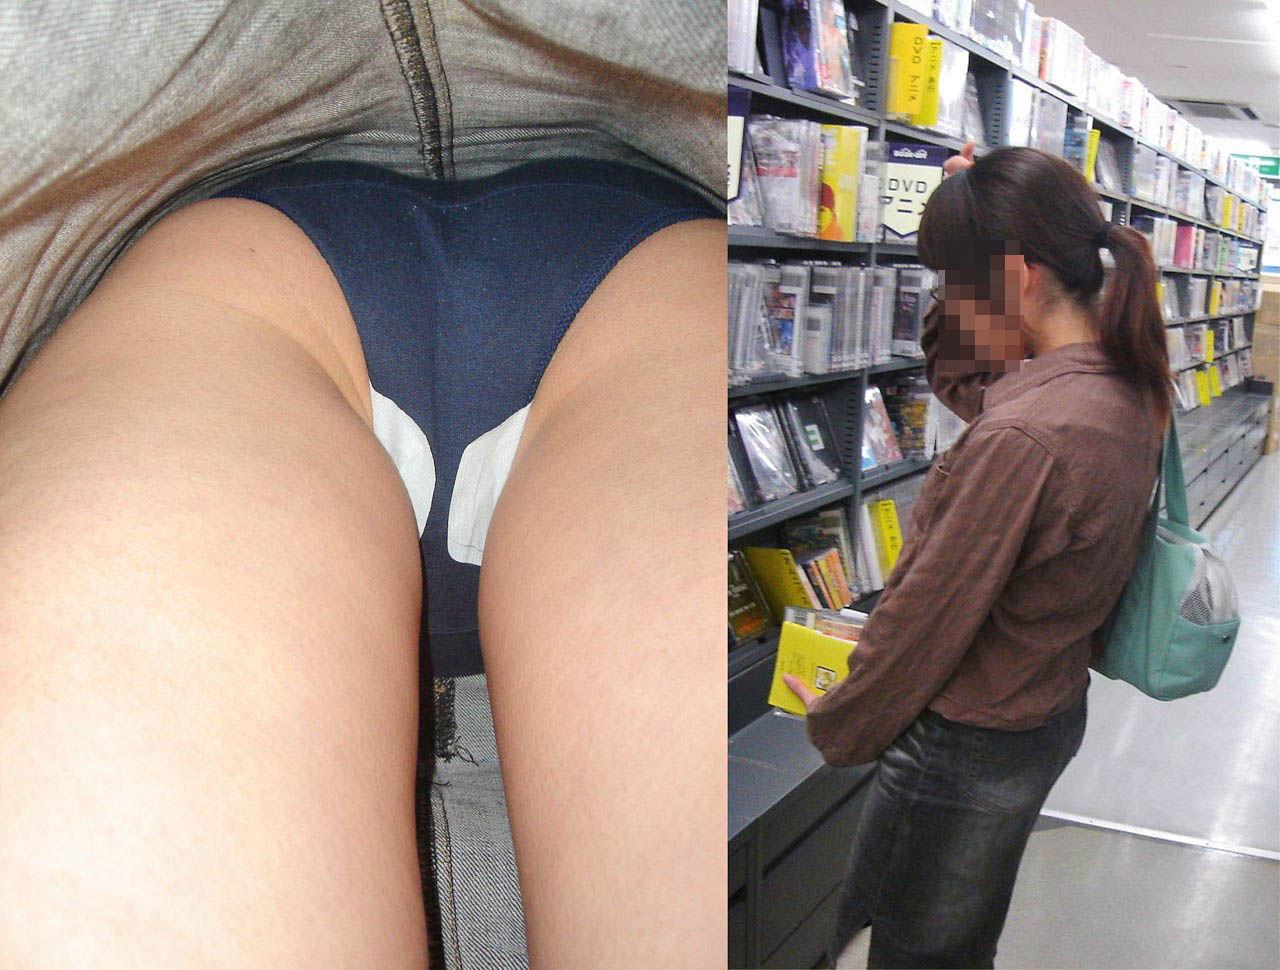 レンタルビデオ店でスカートの中身を撮影